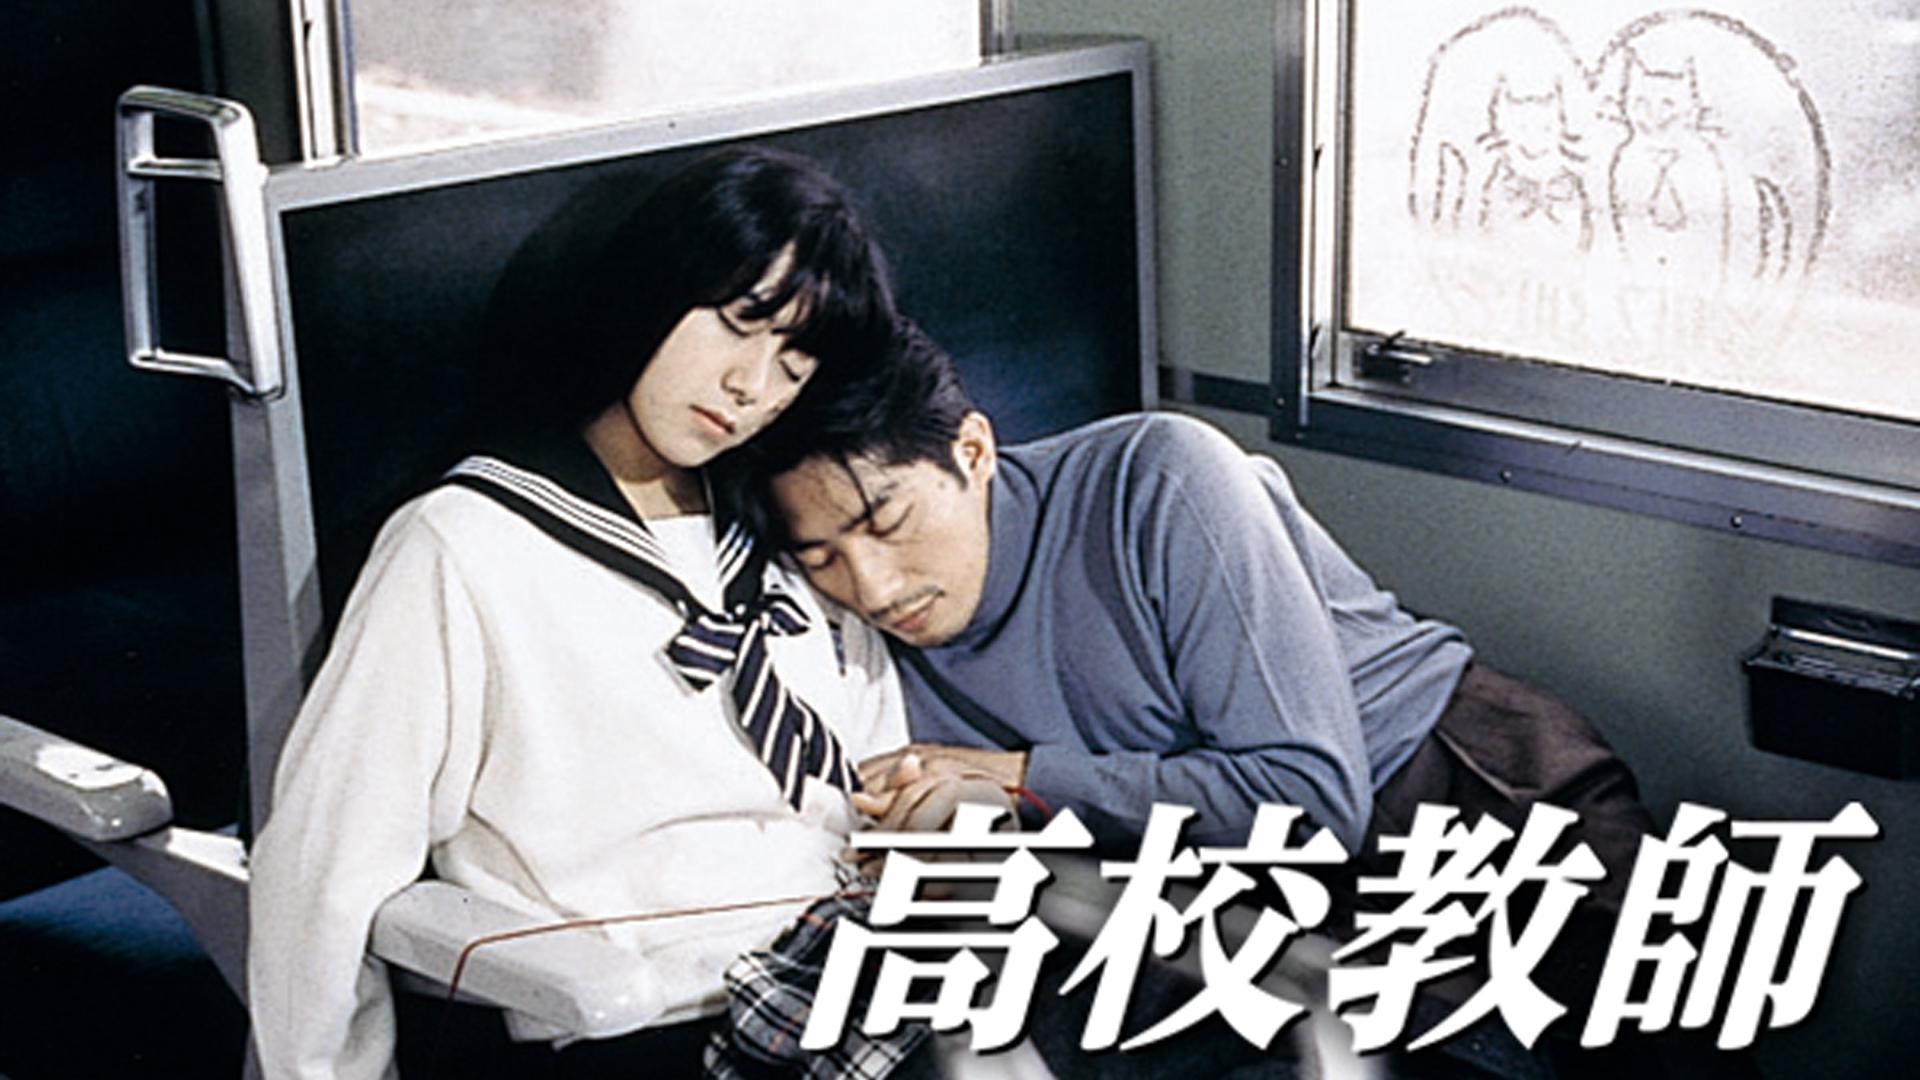 ドラマ『高校教師(1993年版)』無料動画!見逃し配信でフル視聴!第1話から全話・再放送情報